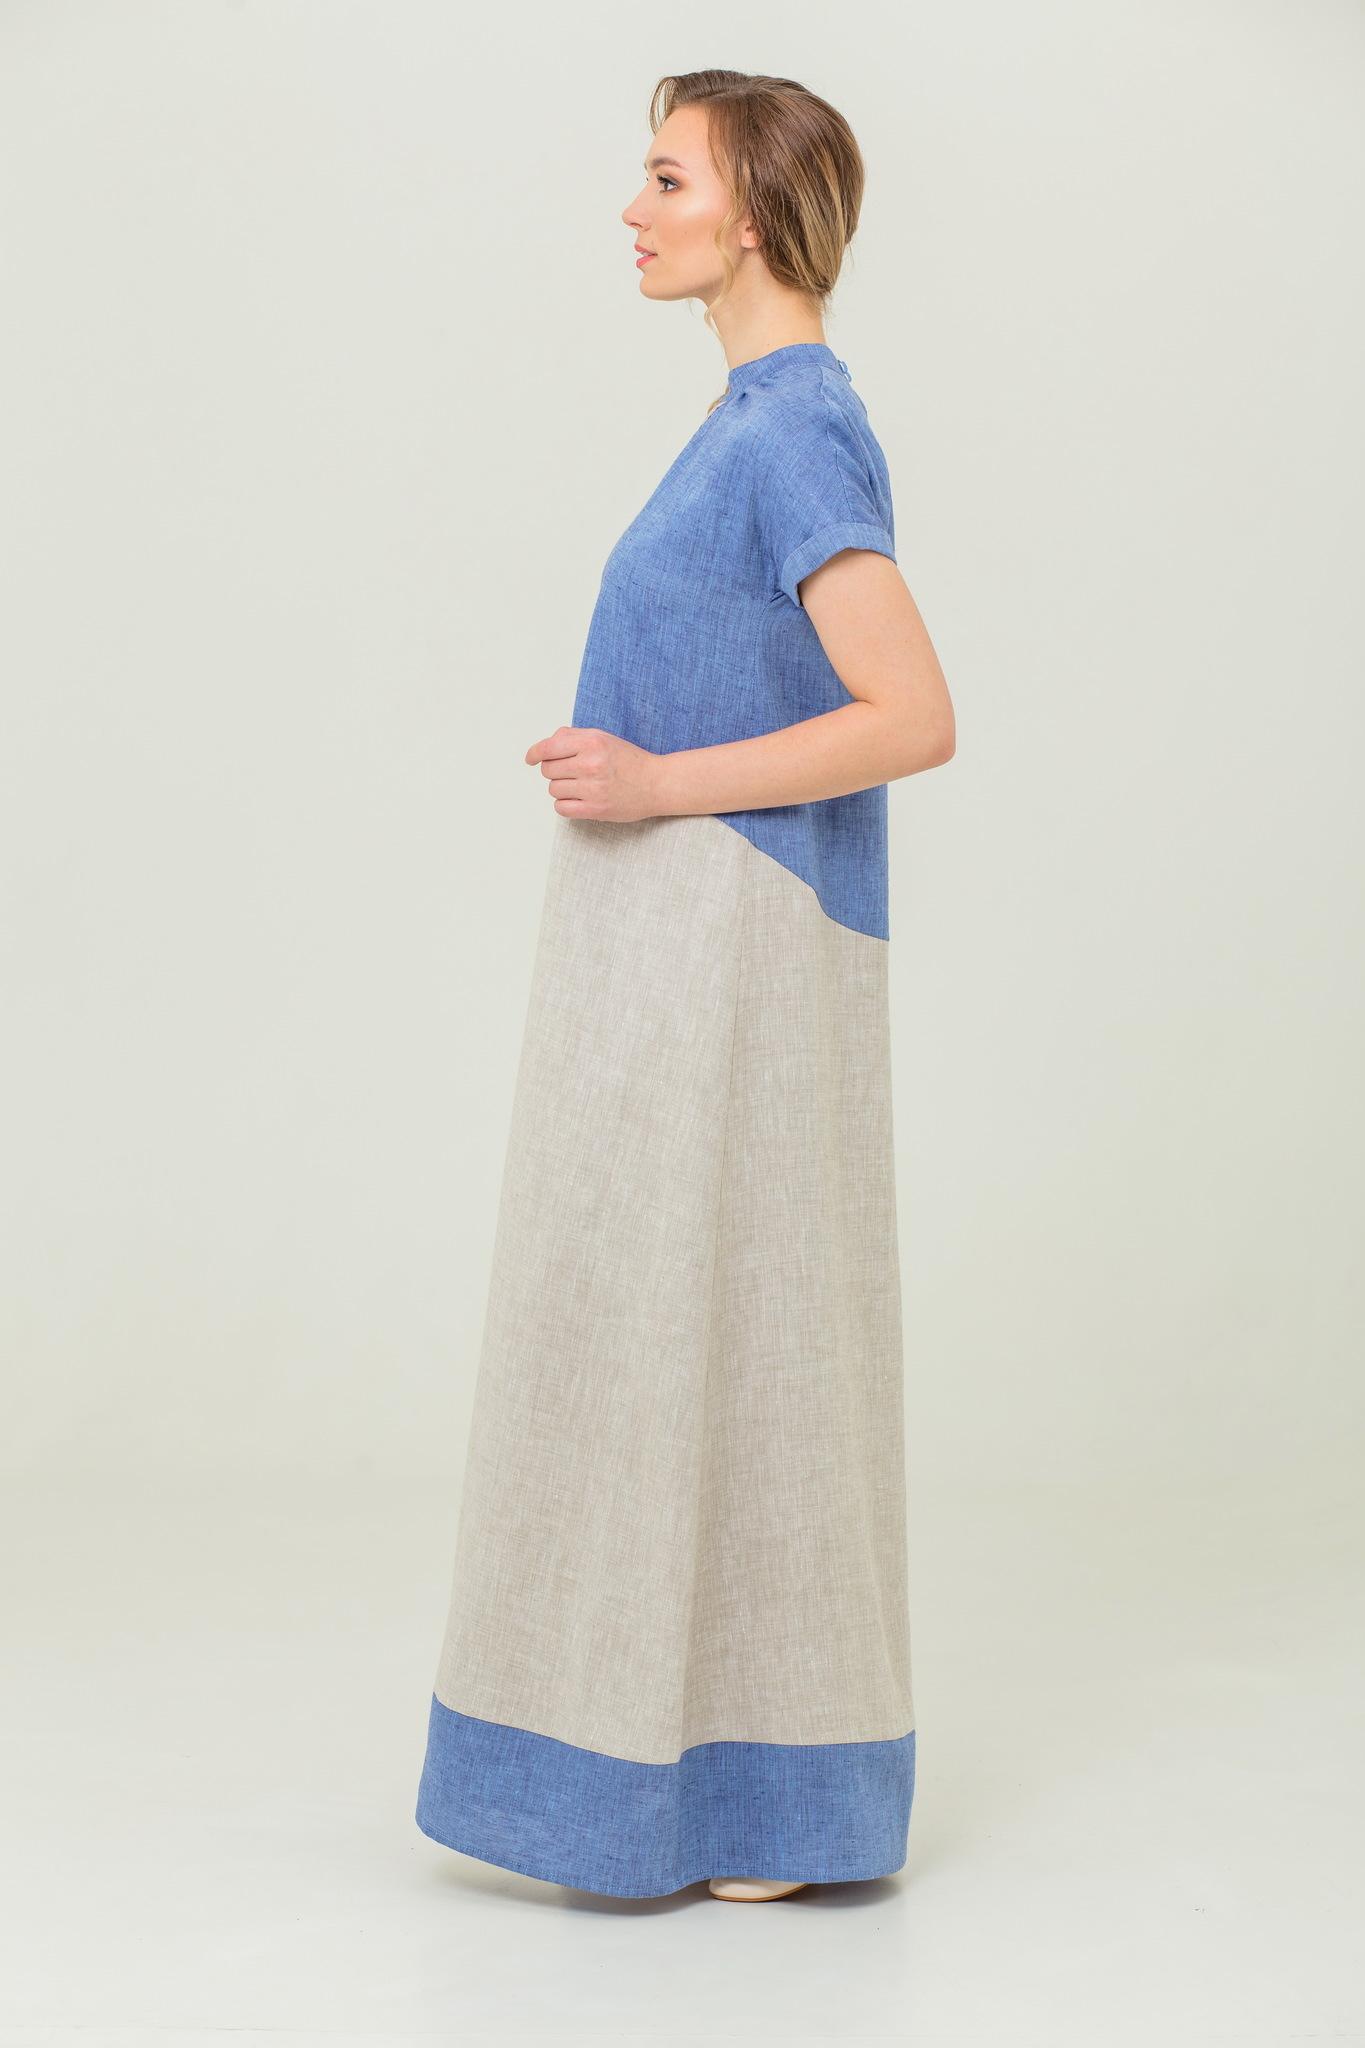 Славянское платье Морской песок из льна